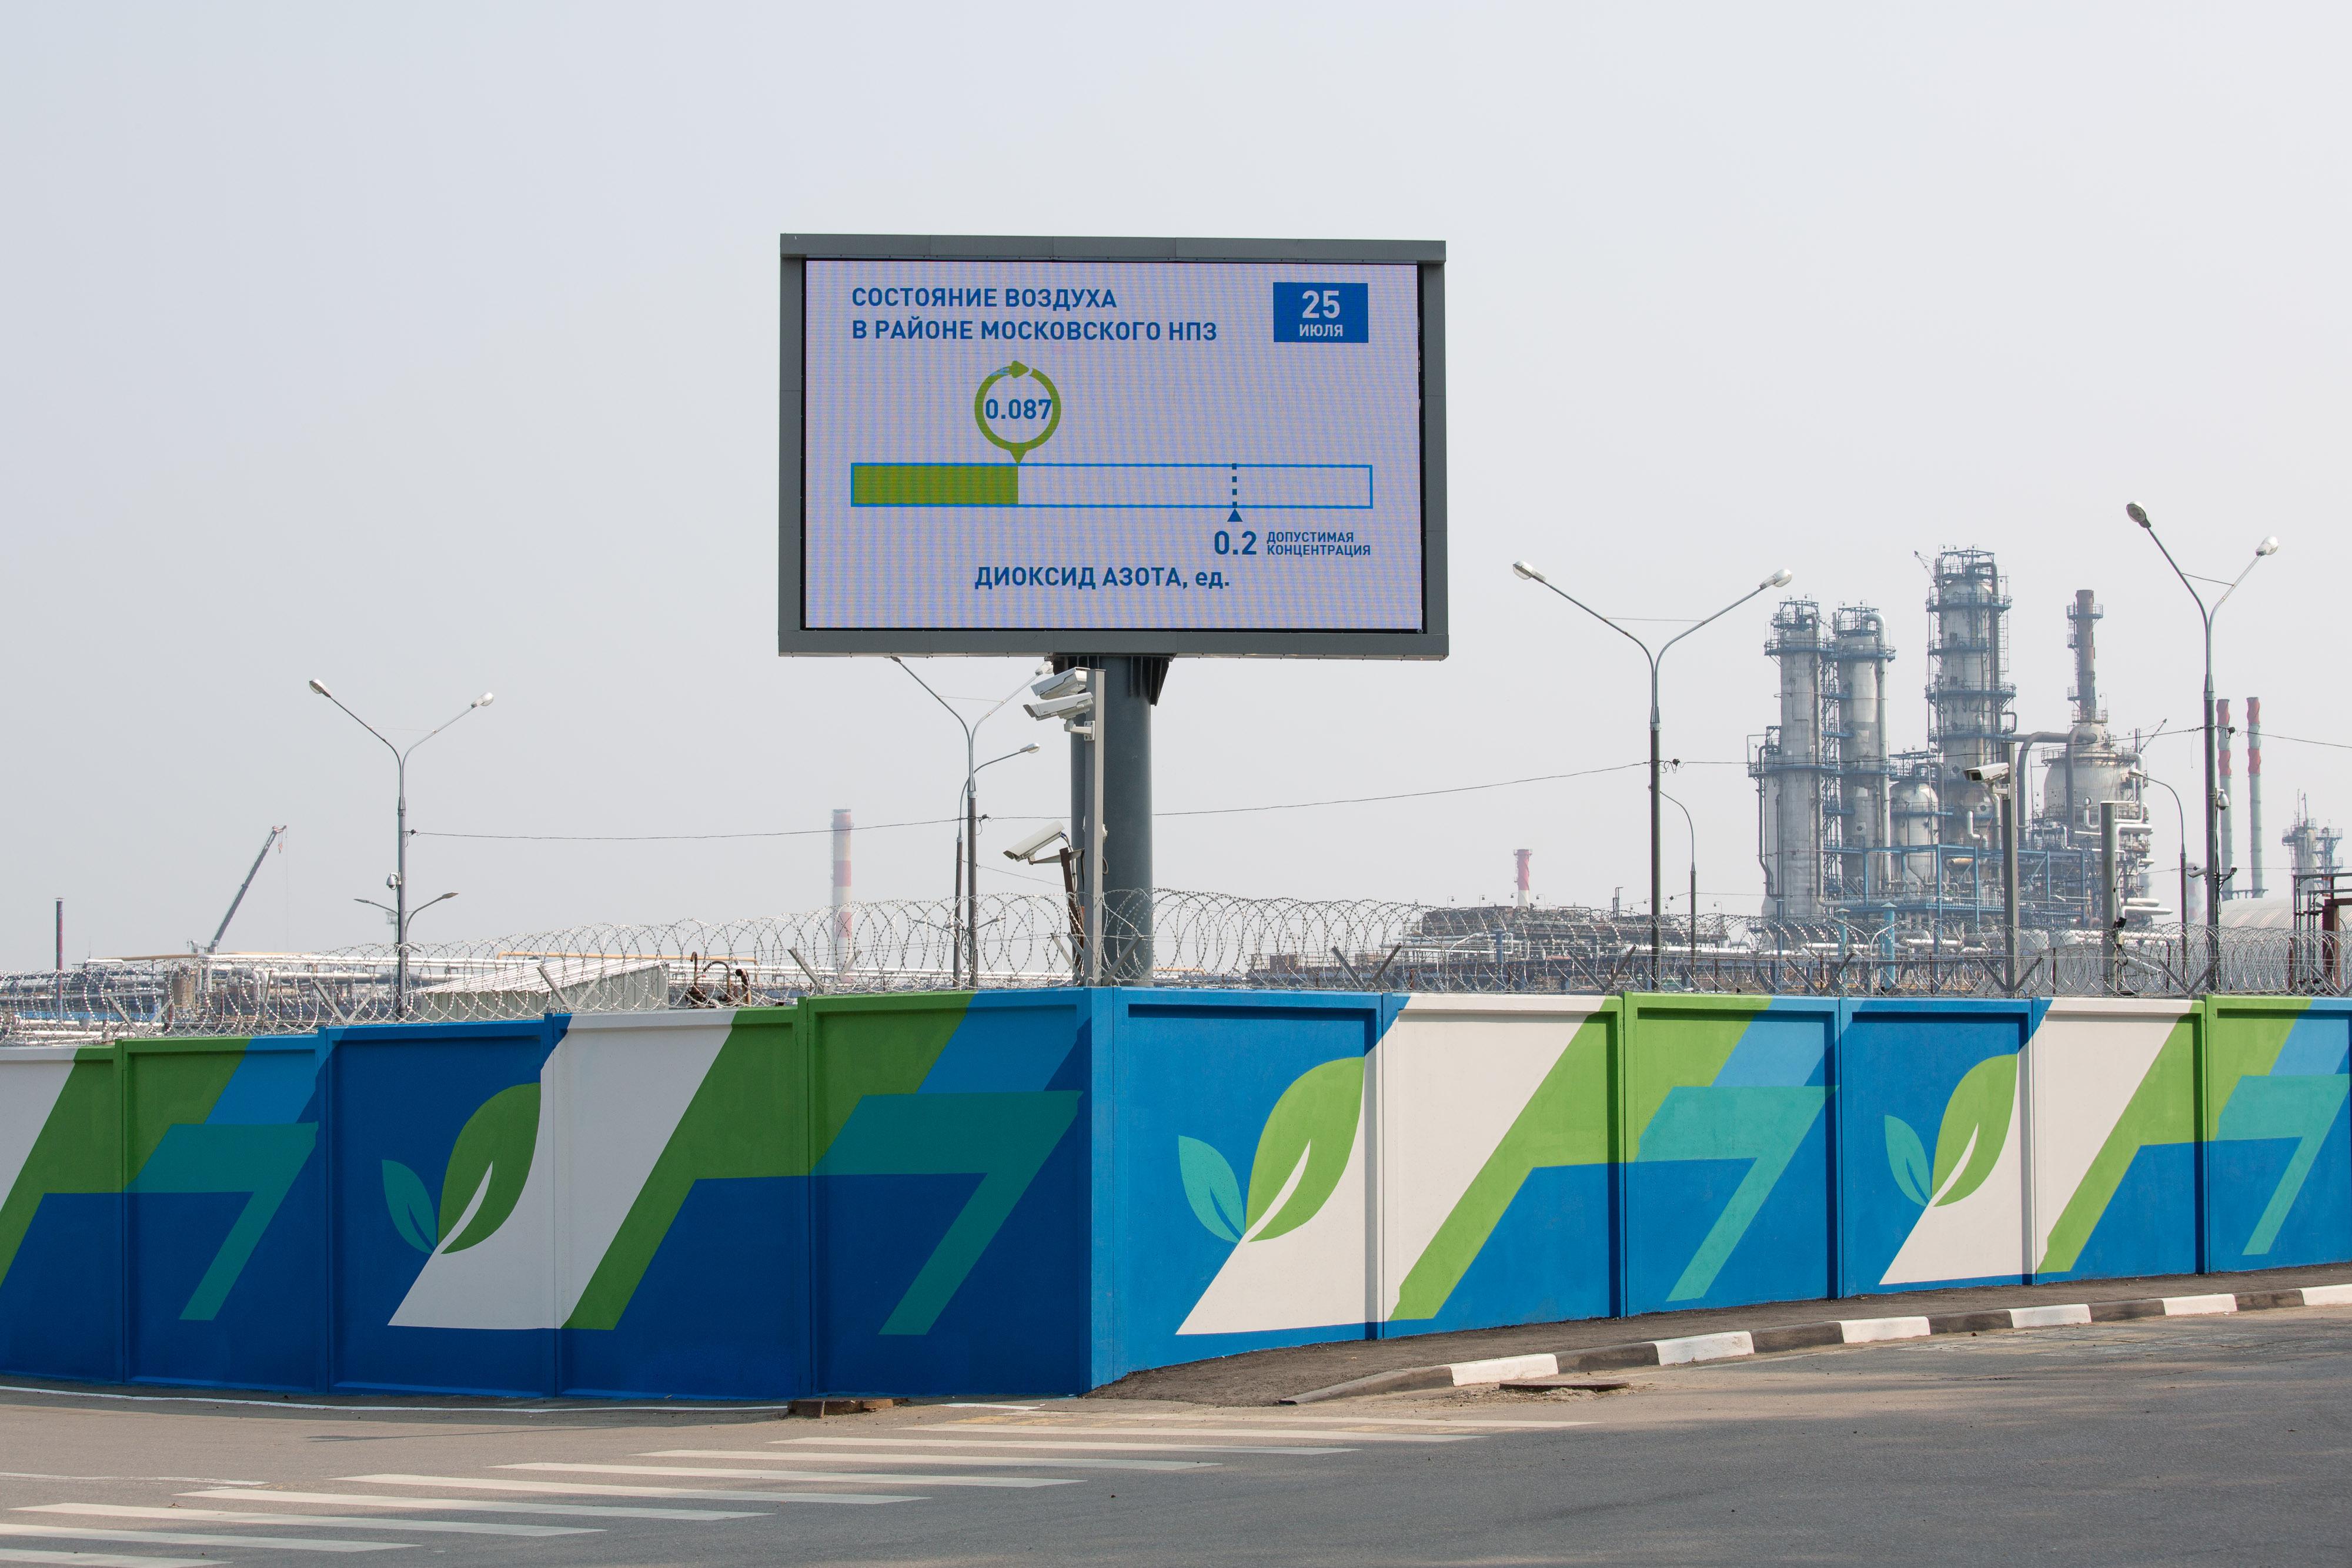 На сегодняшний день озелененная территория Московского НПЗ составляет около 25% заводской площади при минимальных требованиях в 10%.